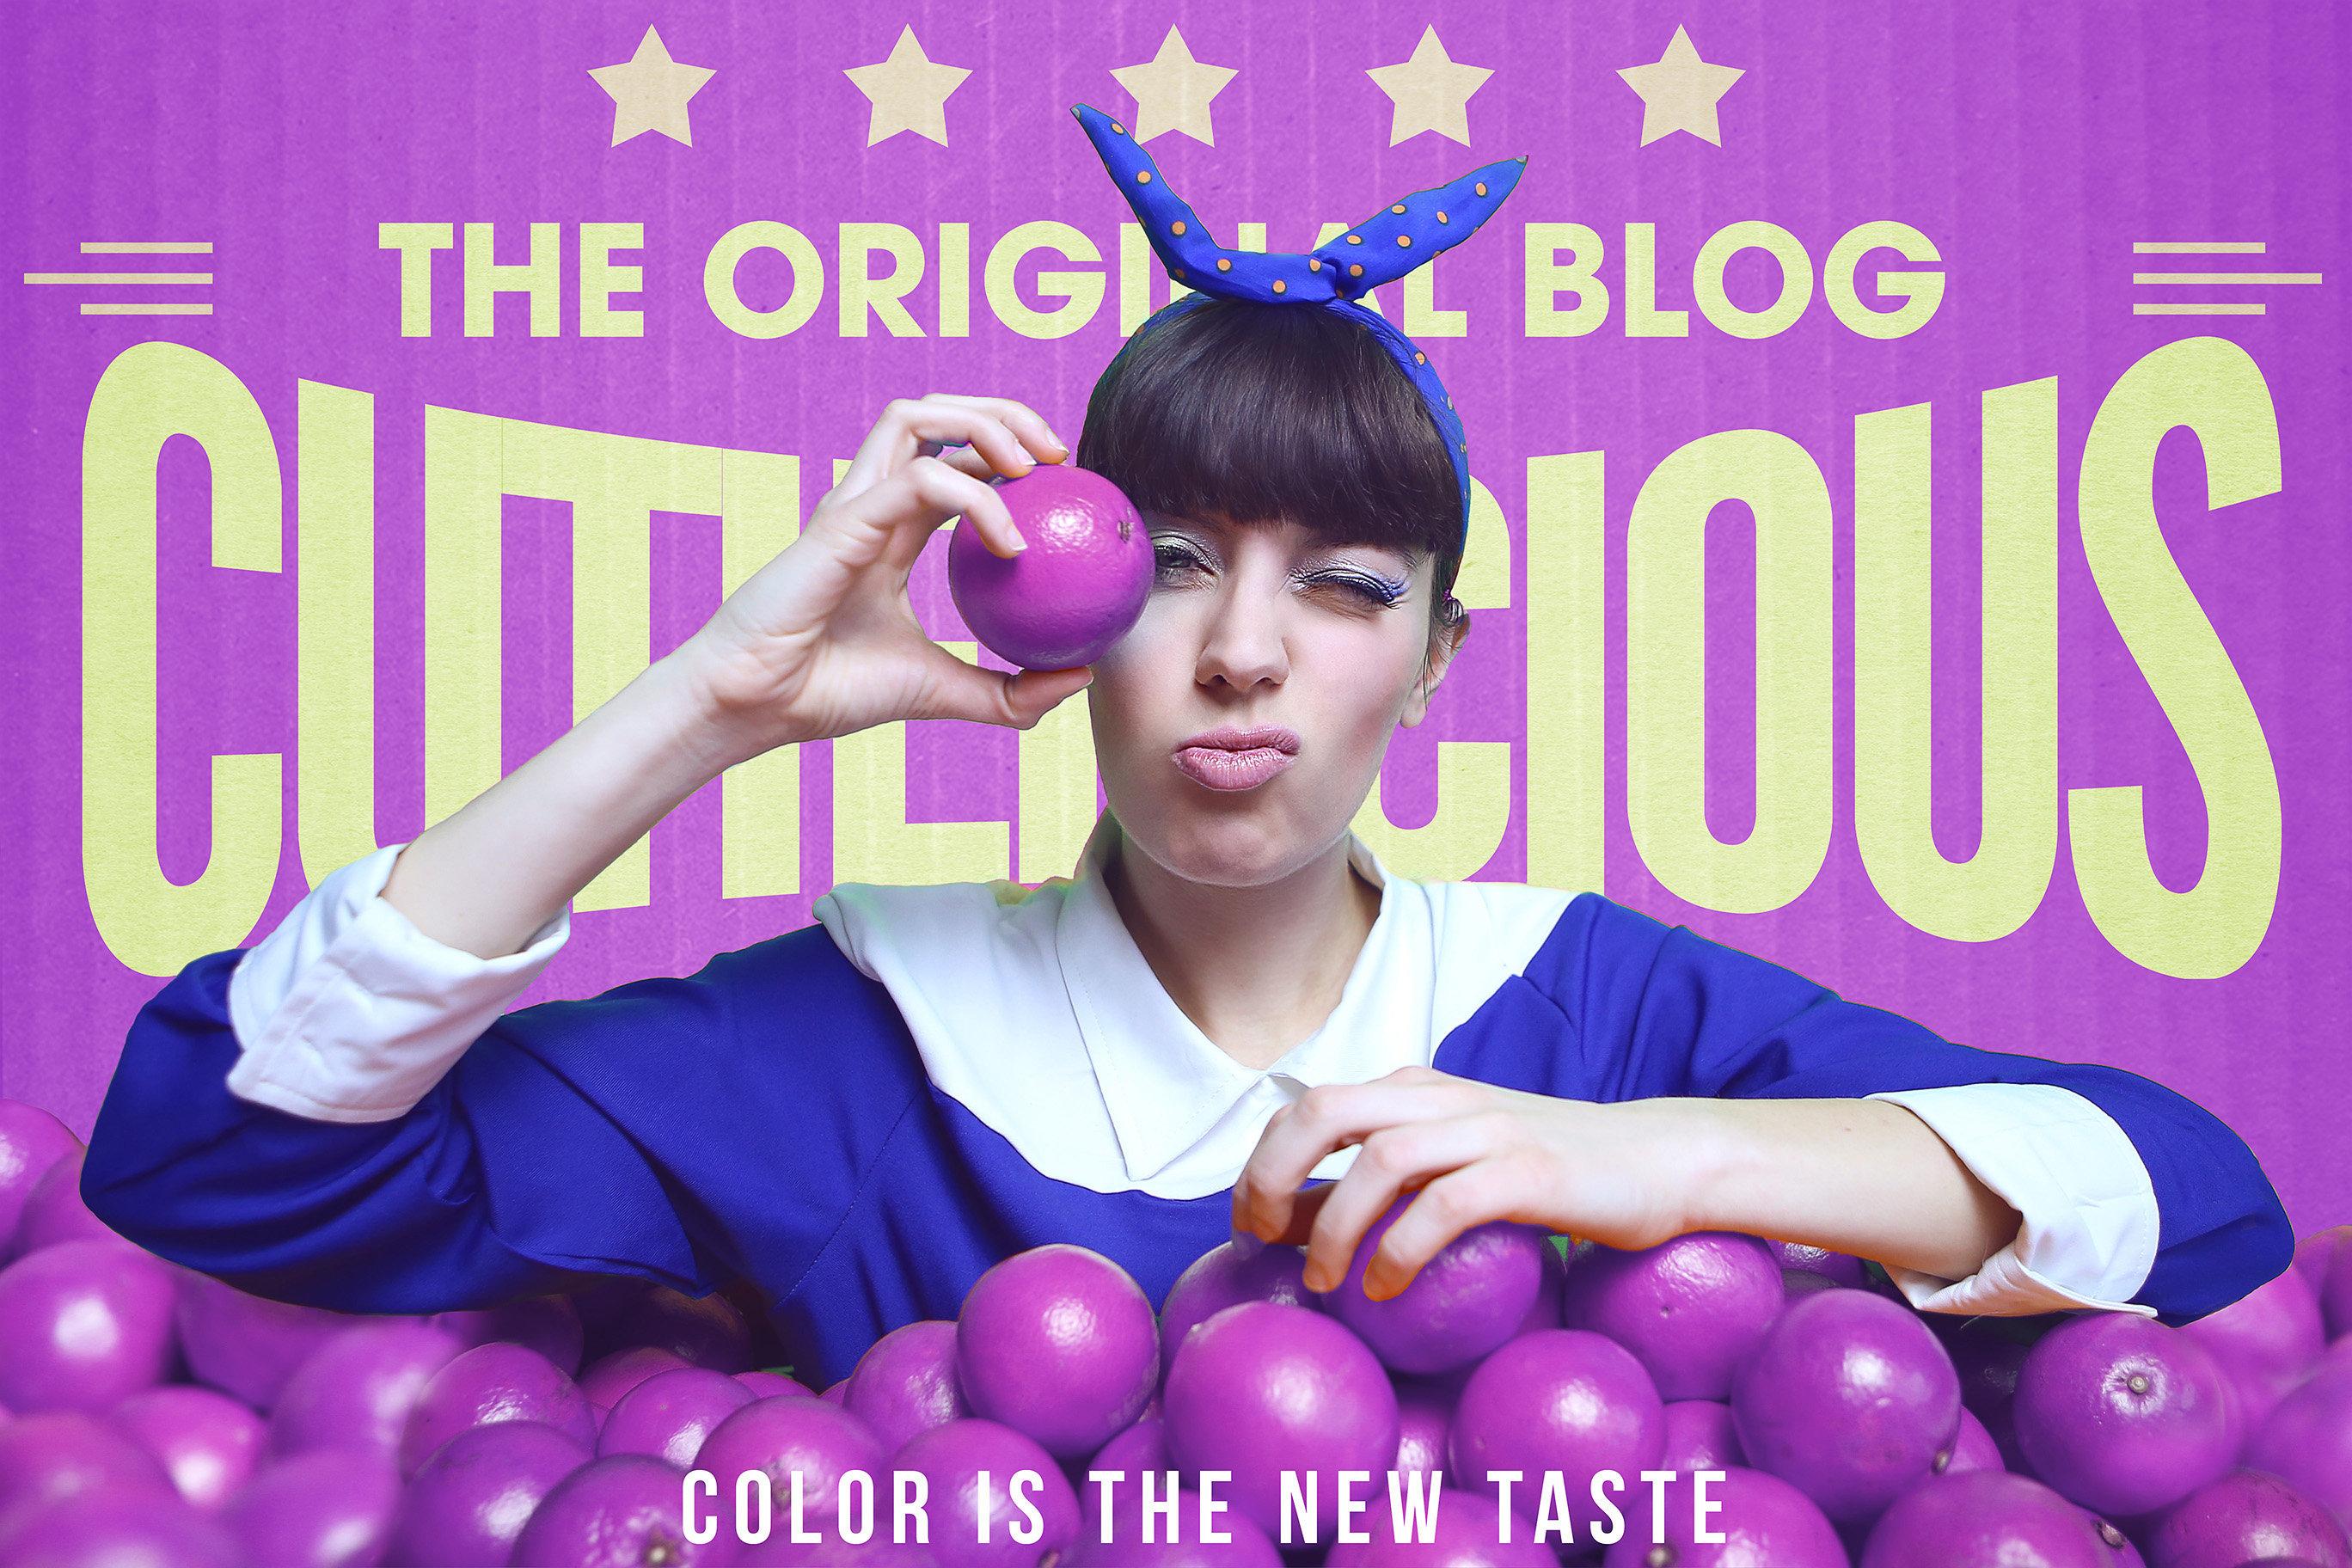 Taste of colors - 01